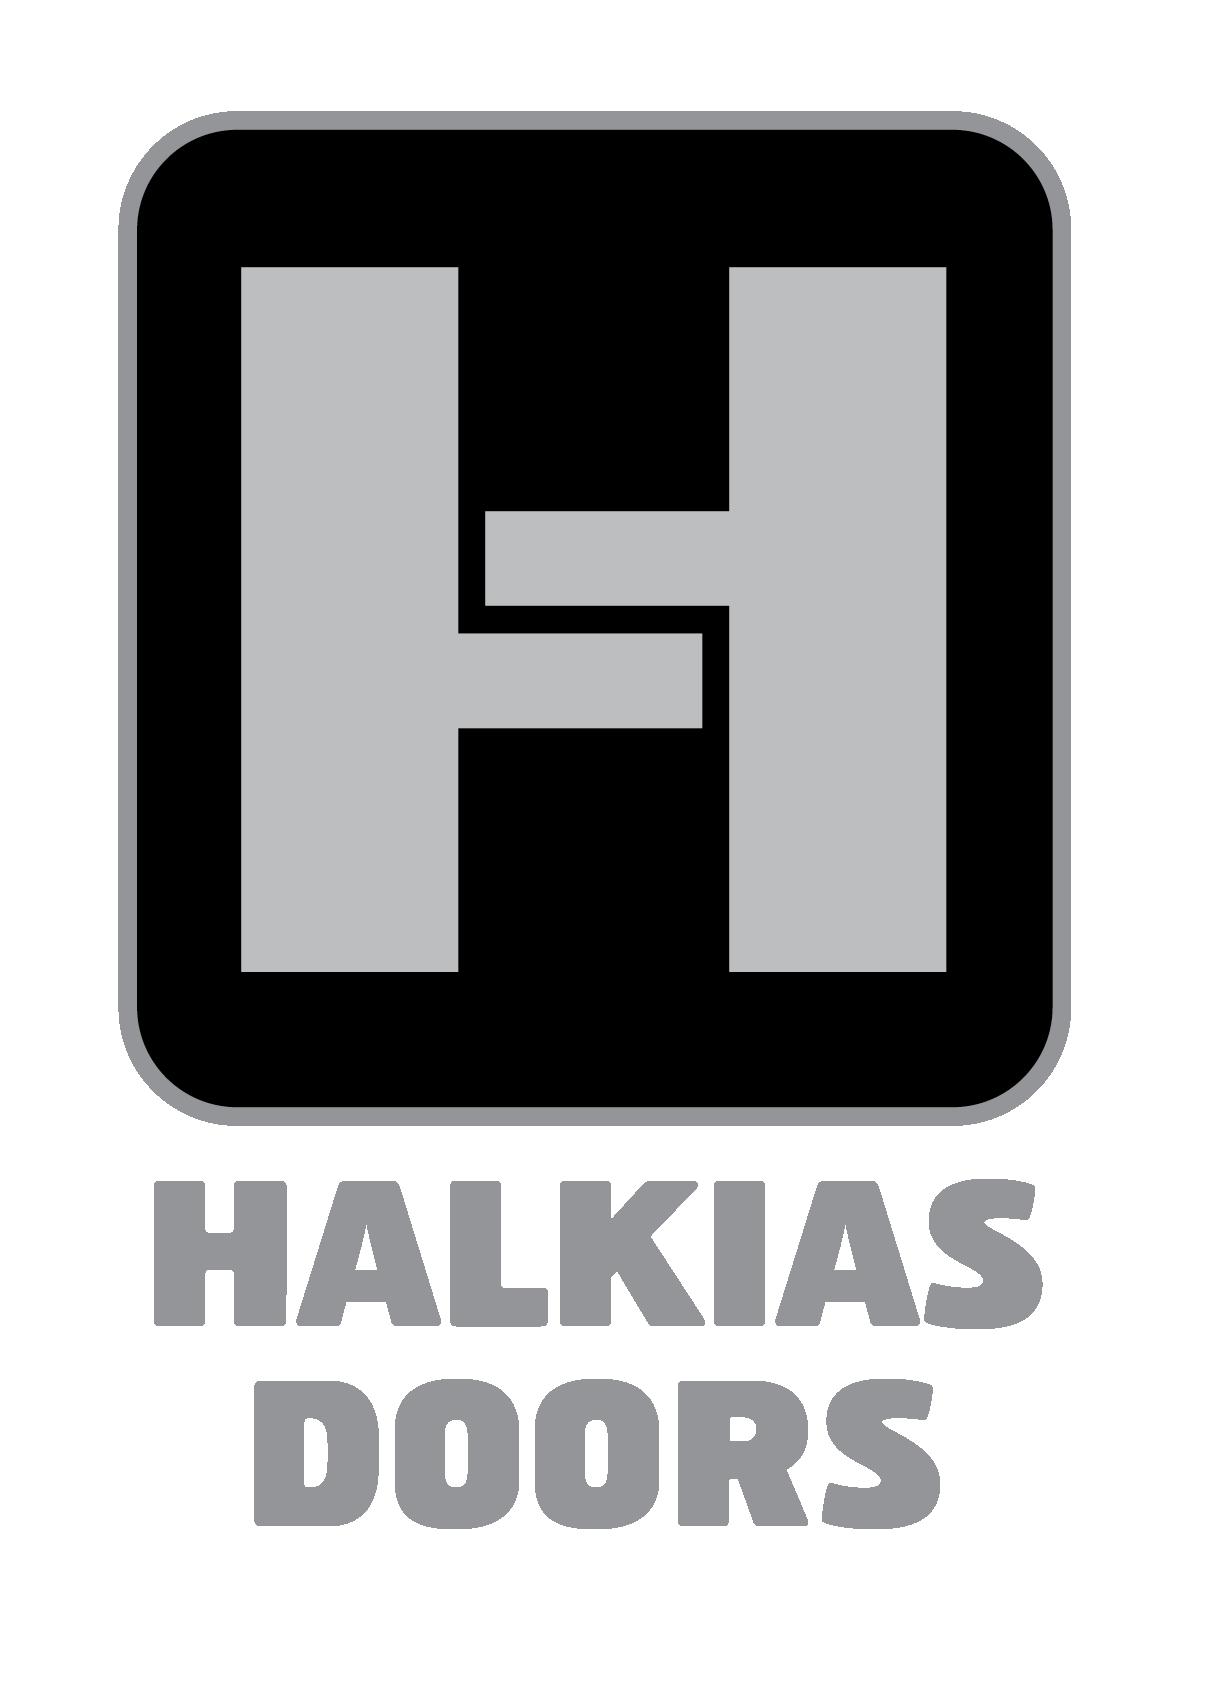 HALKIASDOORS